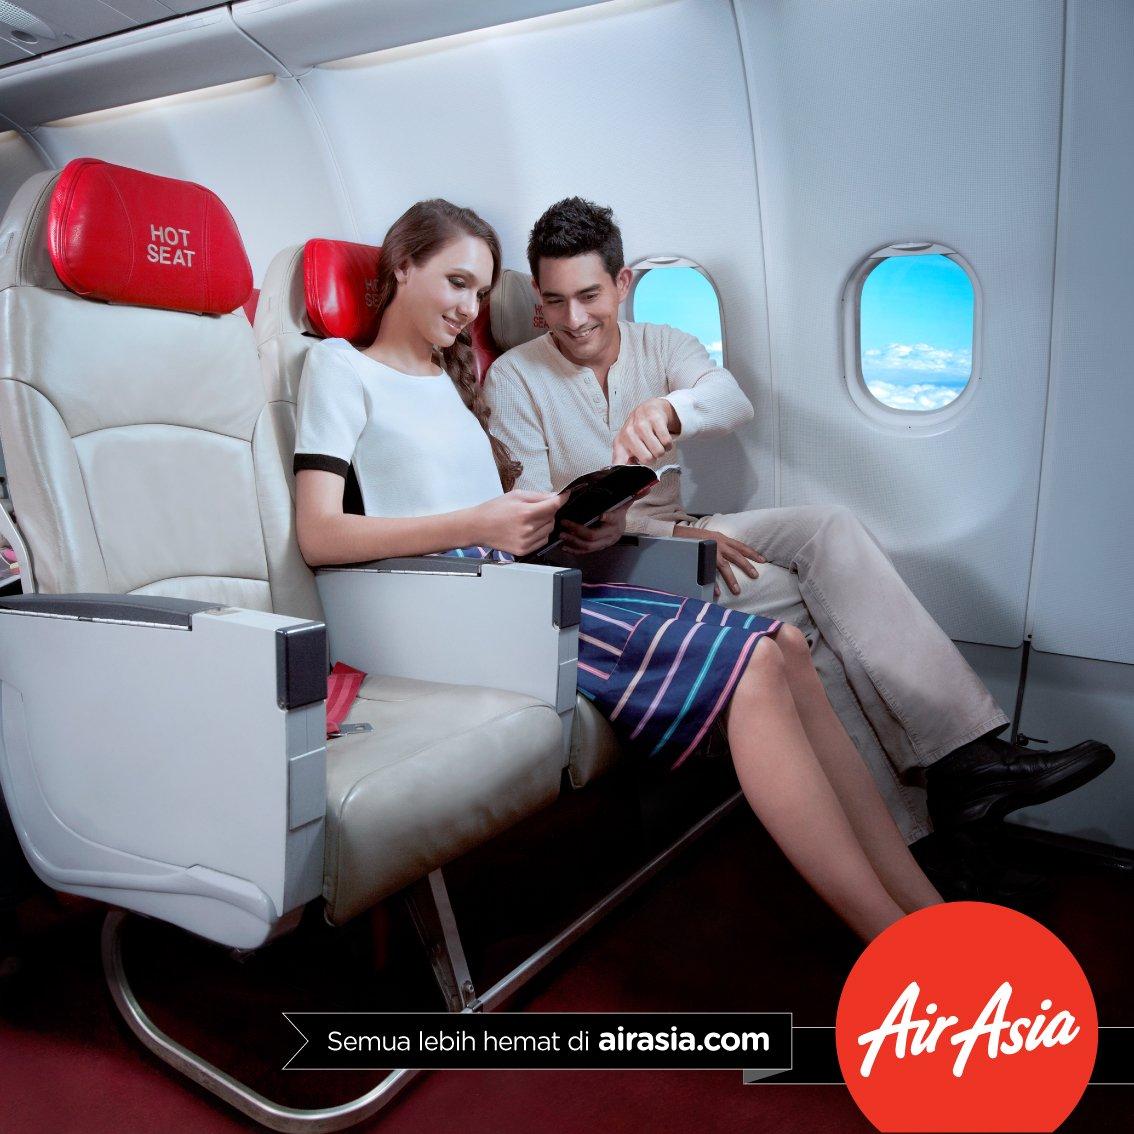 Terbang Bareng, duduk brg? Bisa bgt! Pilih kursi favorit kamu sekarang!